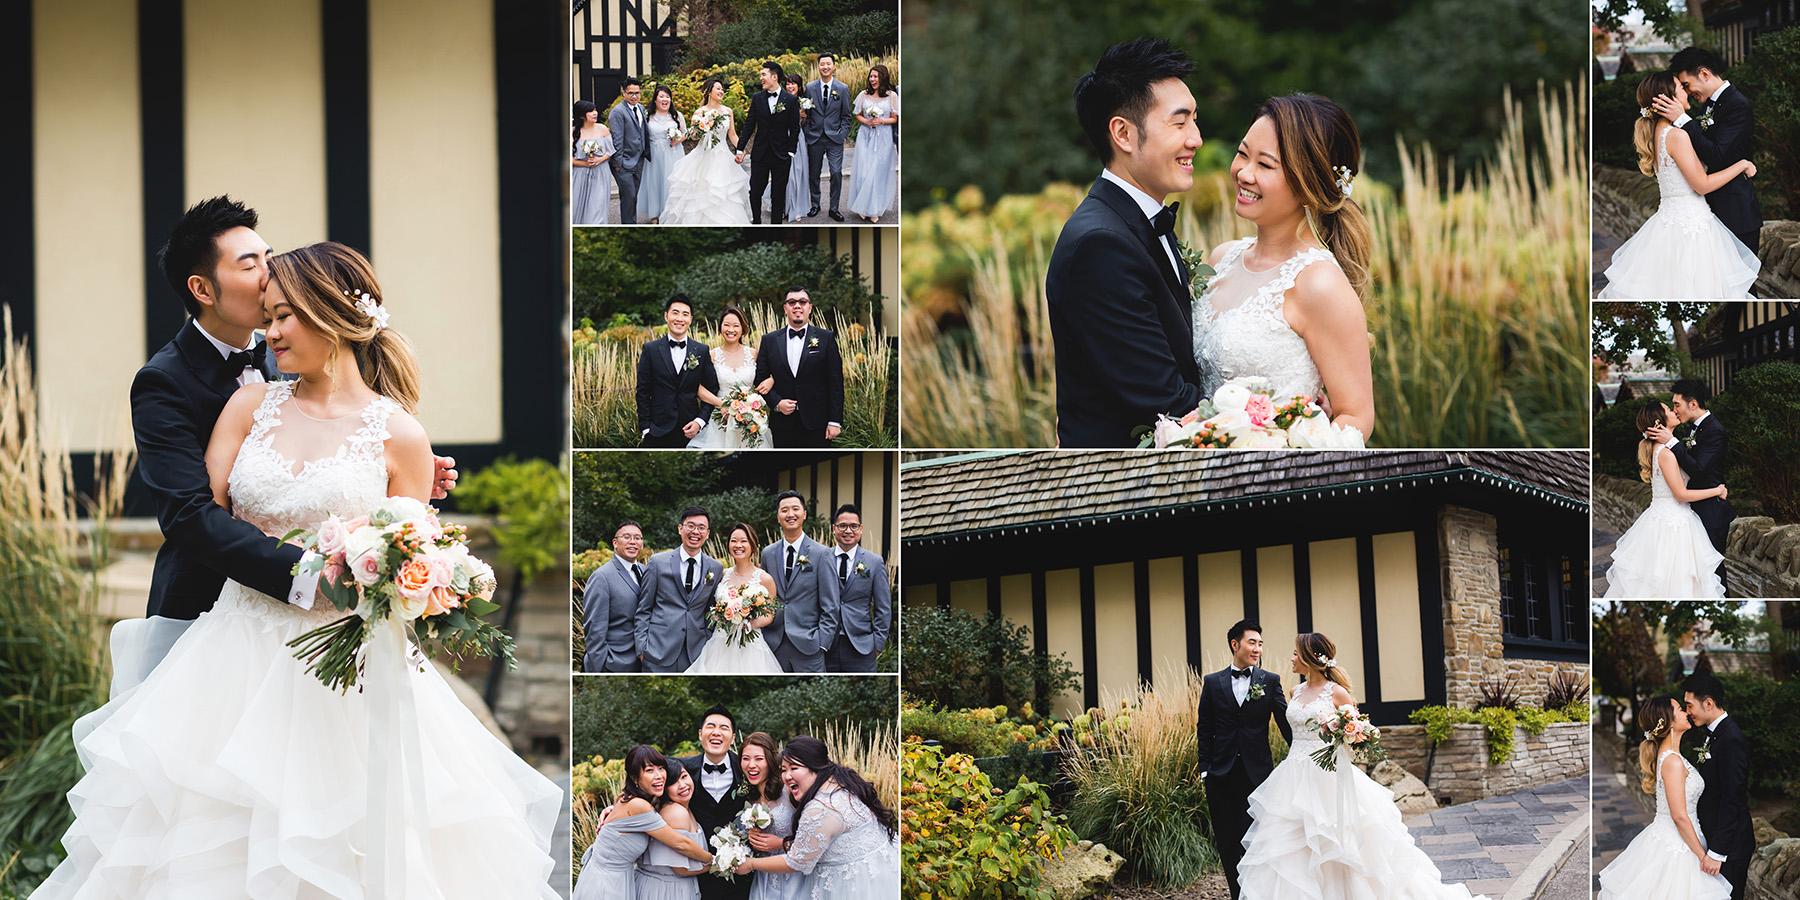 Tiffany_+_Matthew_-_Wedding_Album_15.jpg